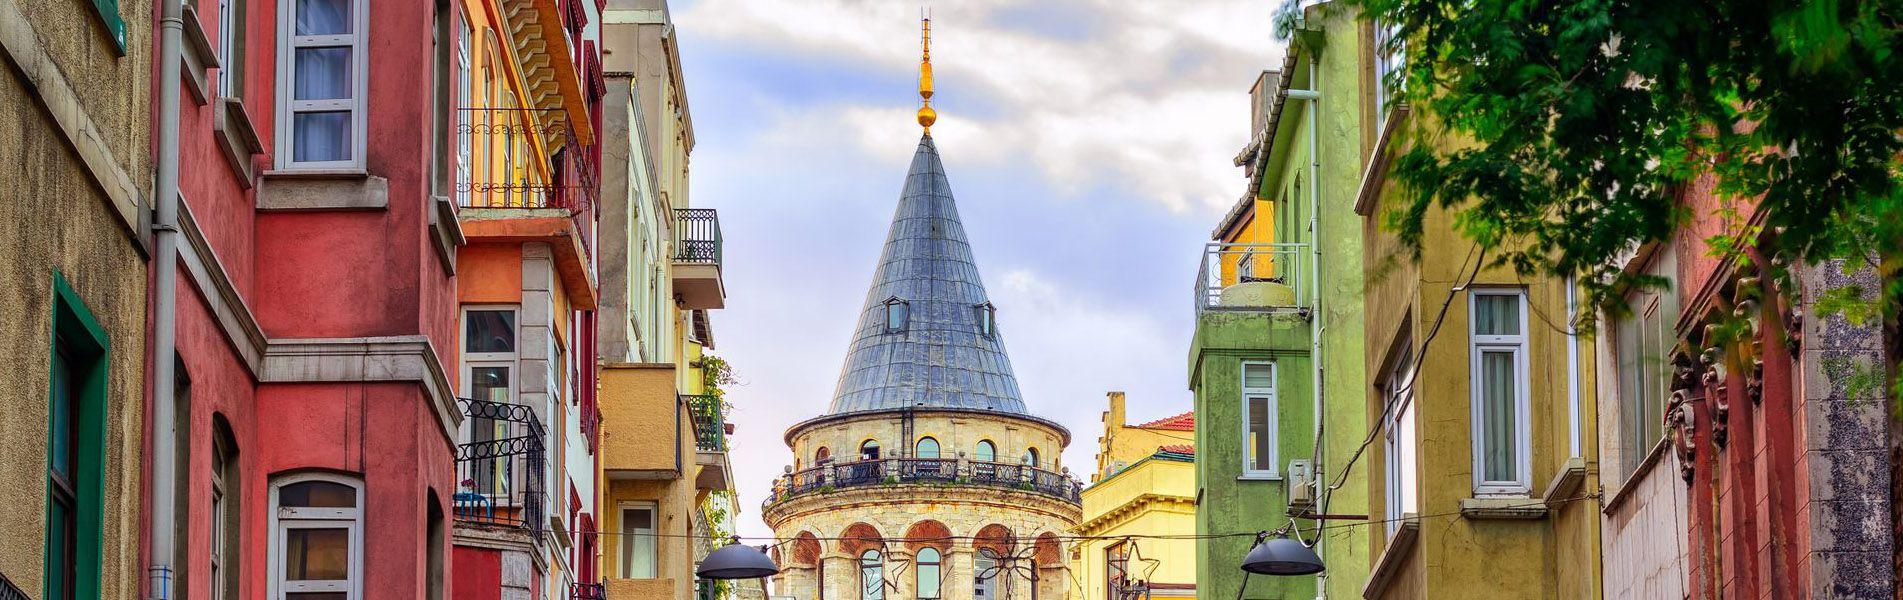 Torre de Gálata, Turquía